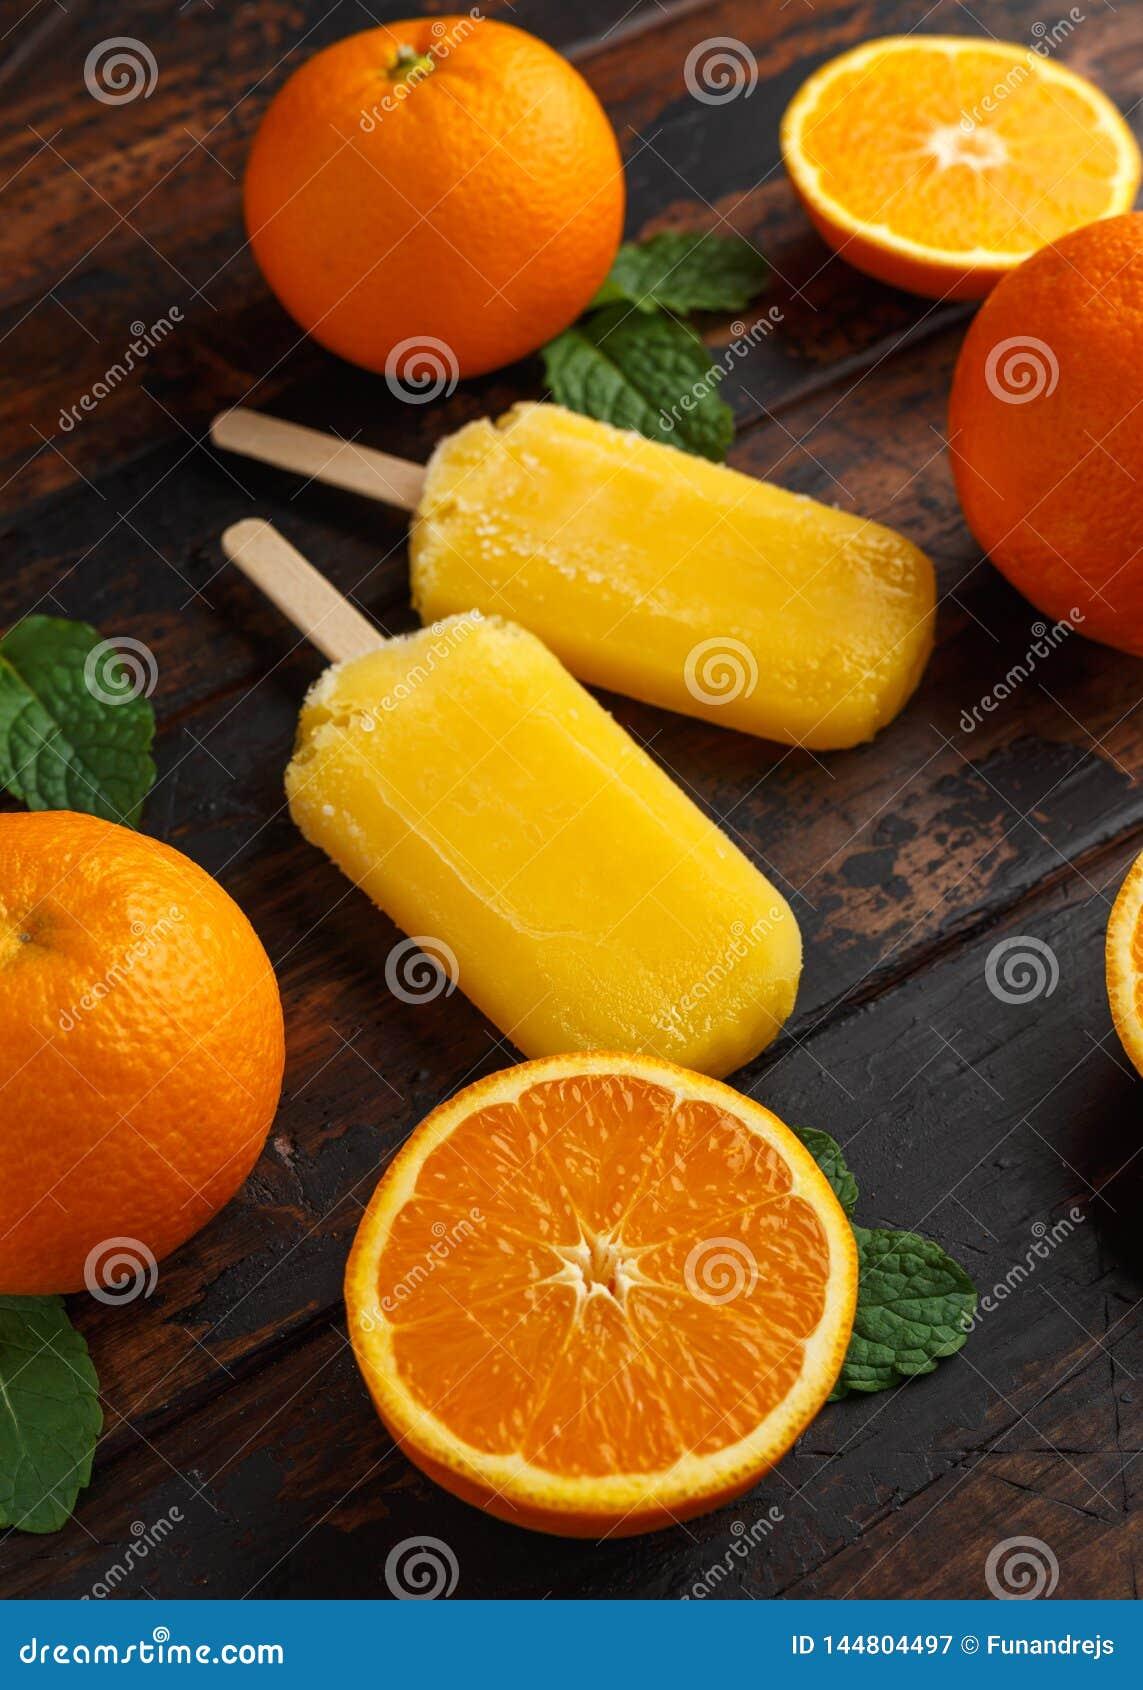 Selbst gemachtes orange Eis am Stiel, Eislutscher, auf Holztisch Sommerlebensmittel